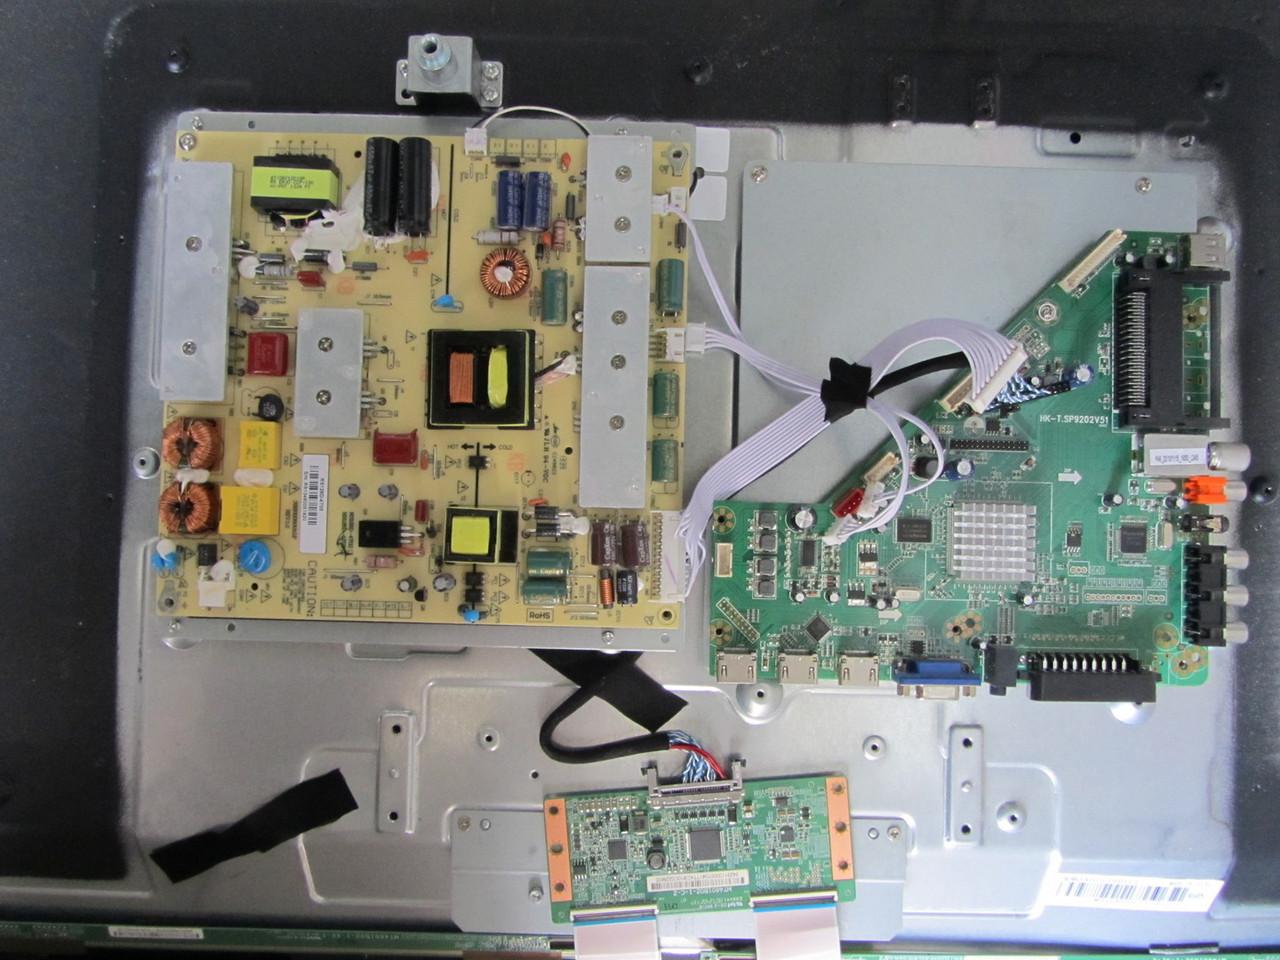 Телевізор DEX LE-4645T2 на запчастини (HK-T. SP9202V51, RS128D-4T05, MT4601B02-1-c-2)